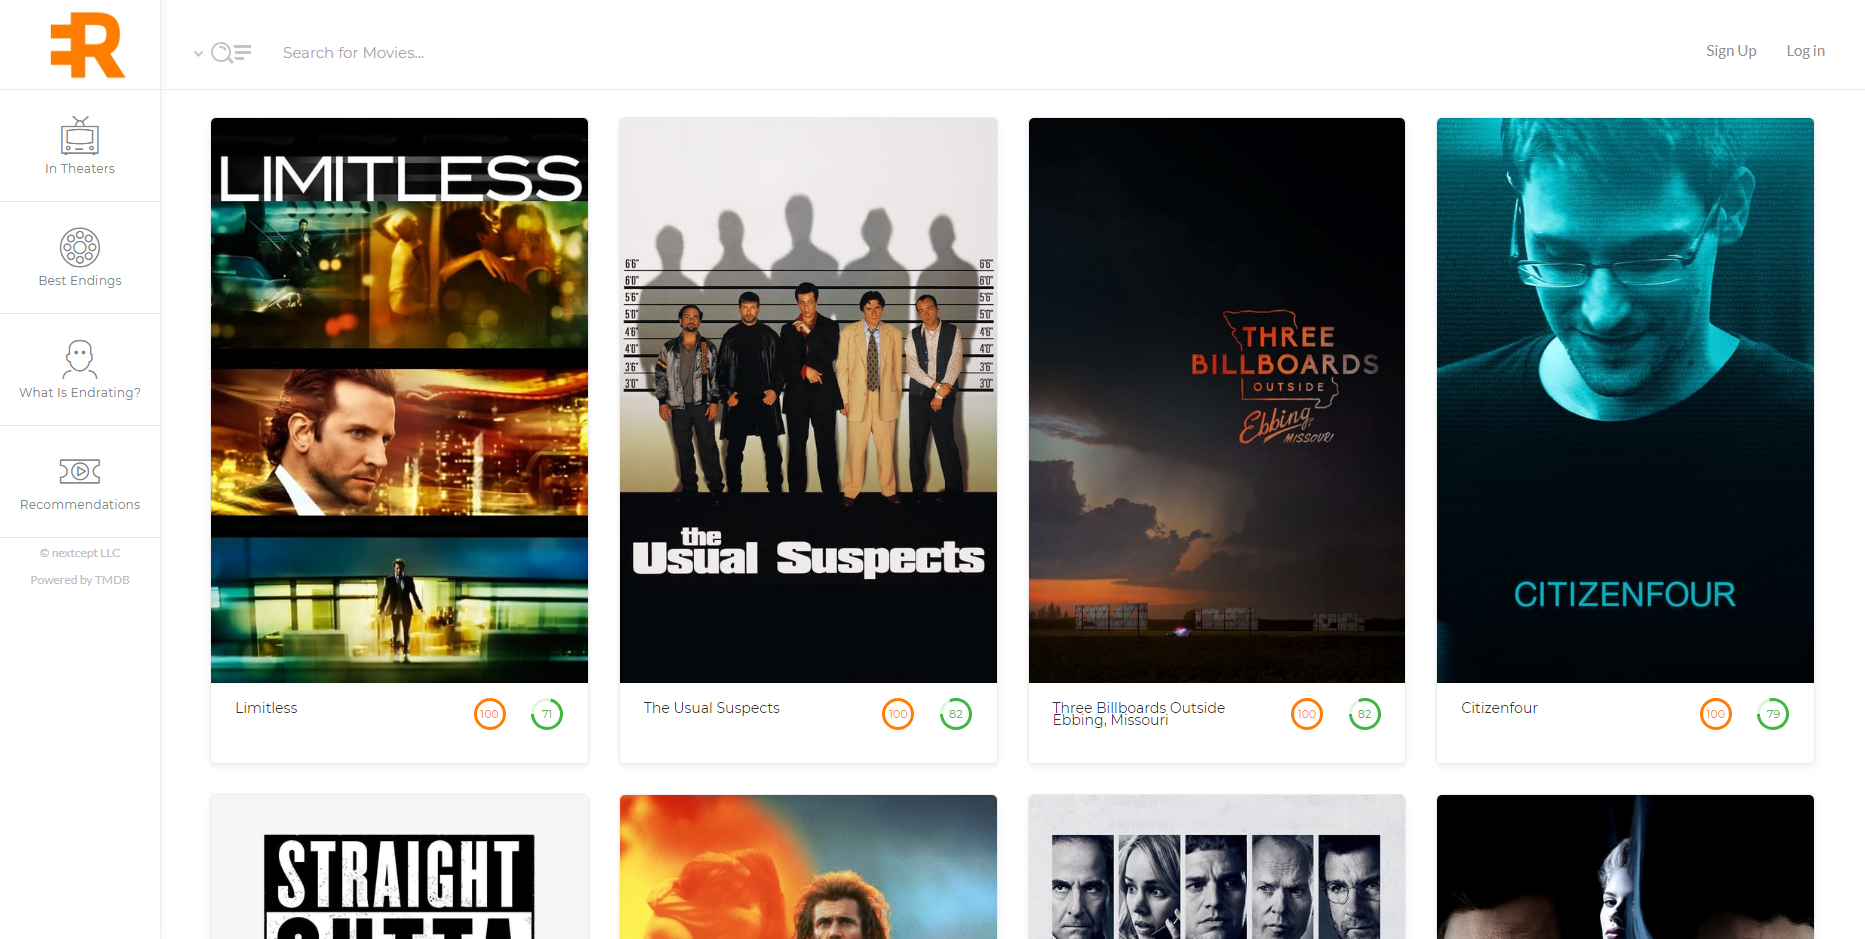 Τι ταινία να δω σήμερα; Οι καλύτερες ιστοσελίδες με προτεινόμενα